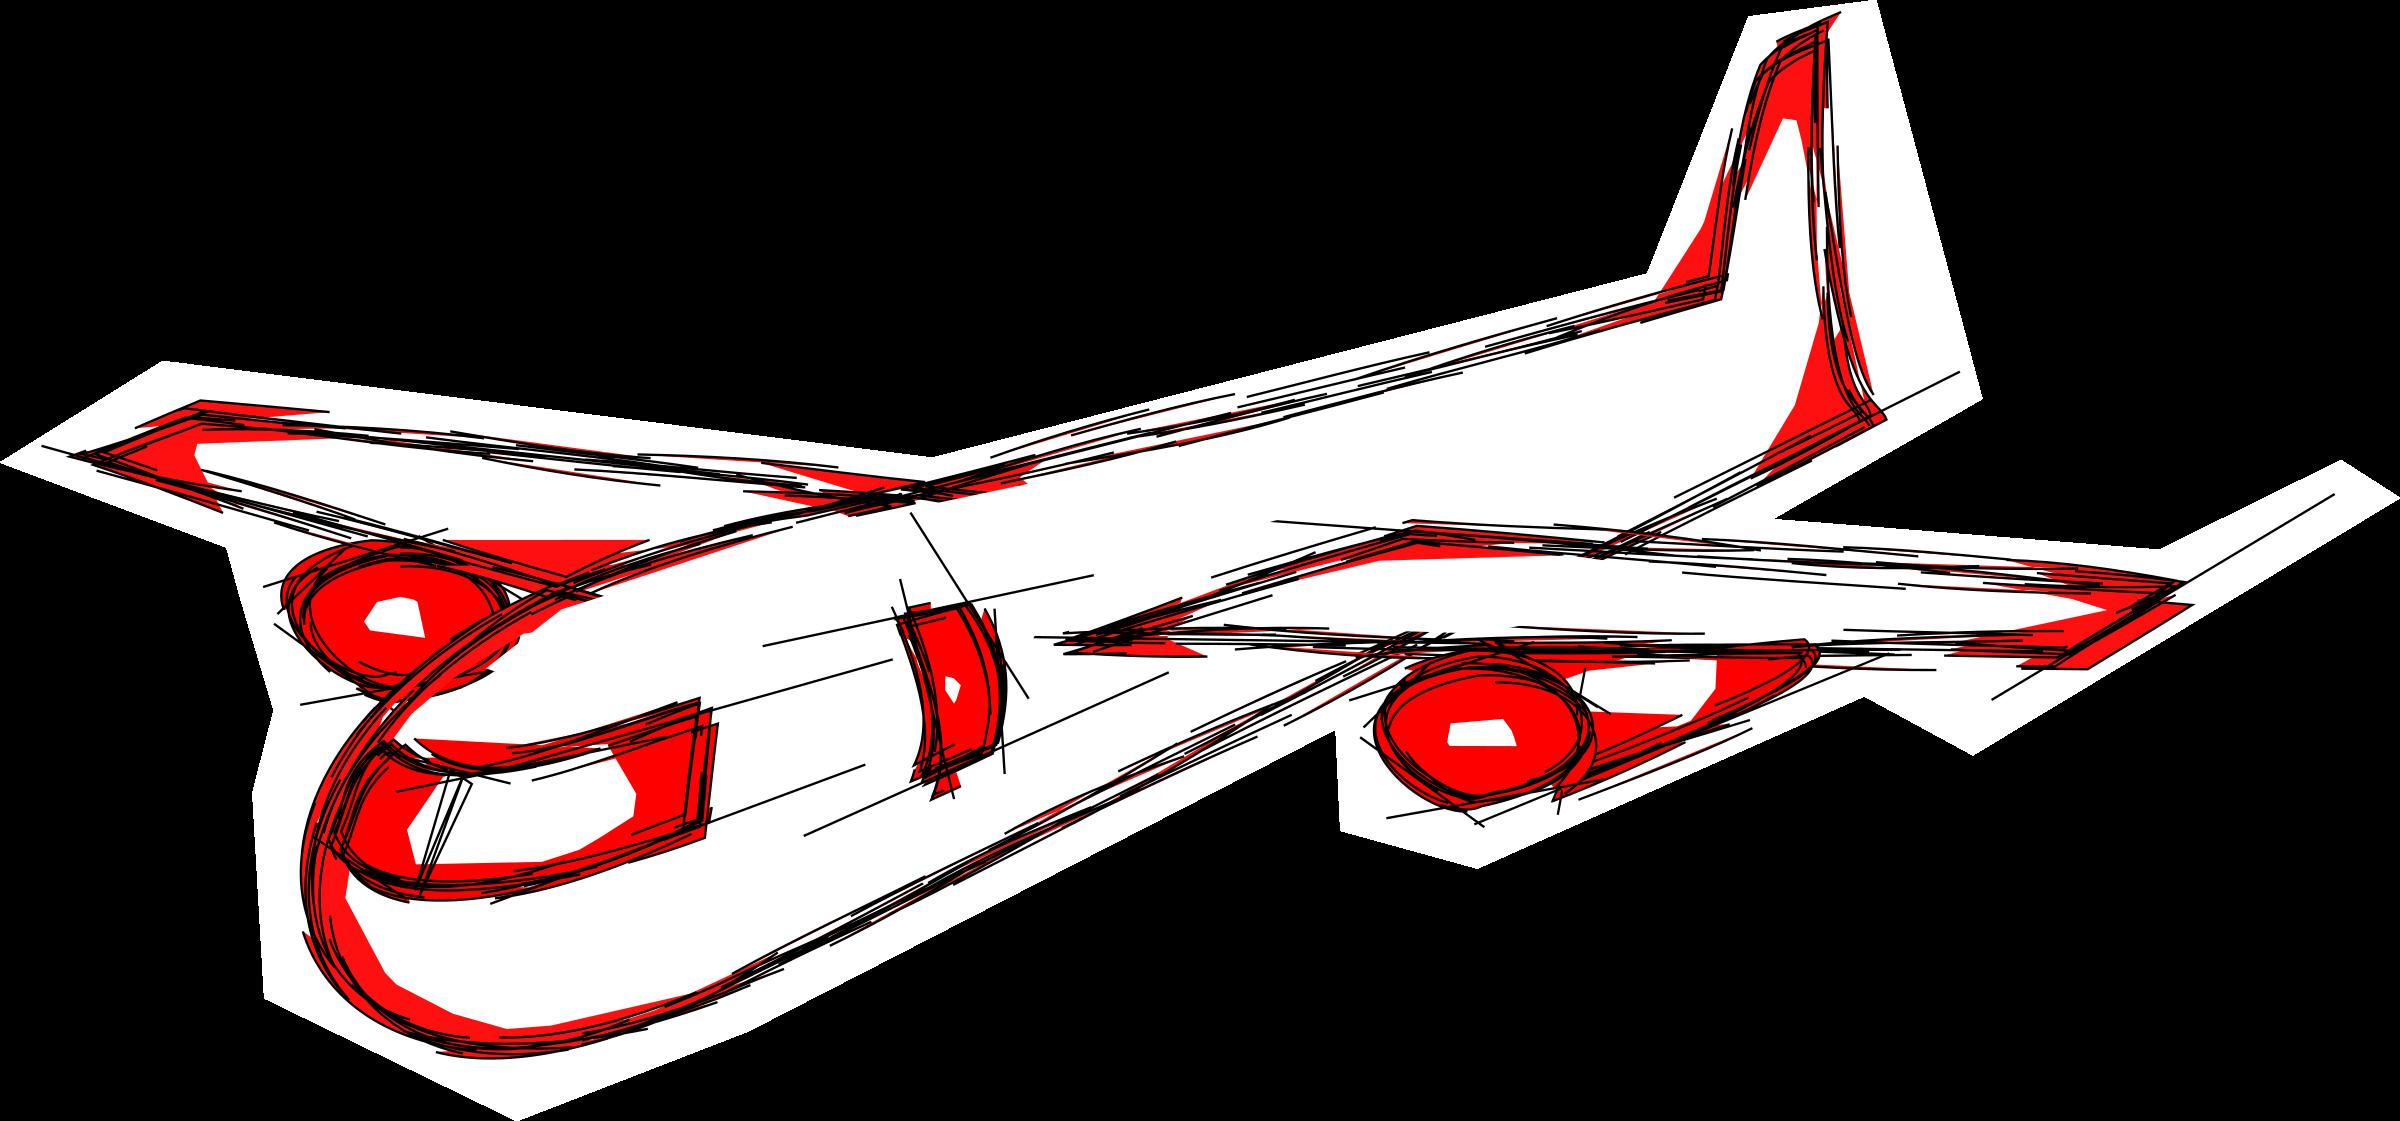 2400x1121 Clip Art Jet Plane Clip Art